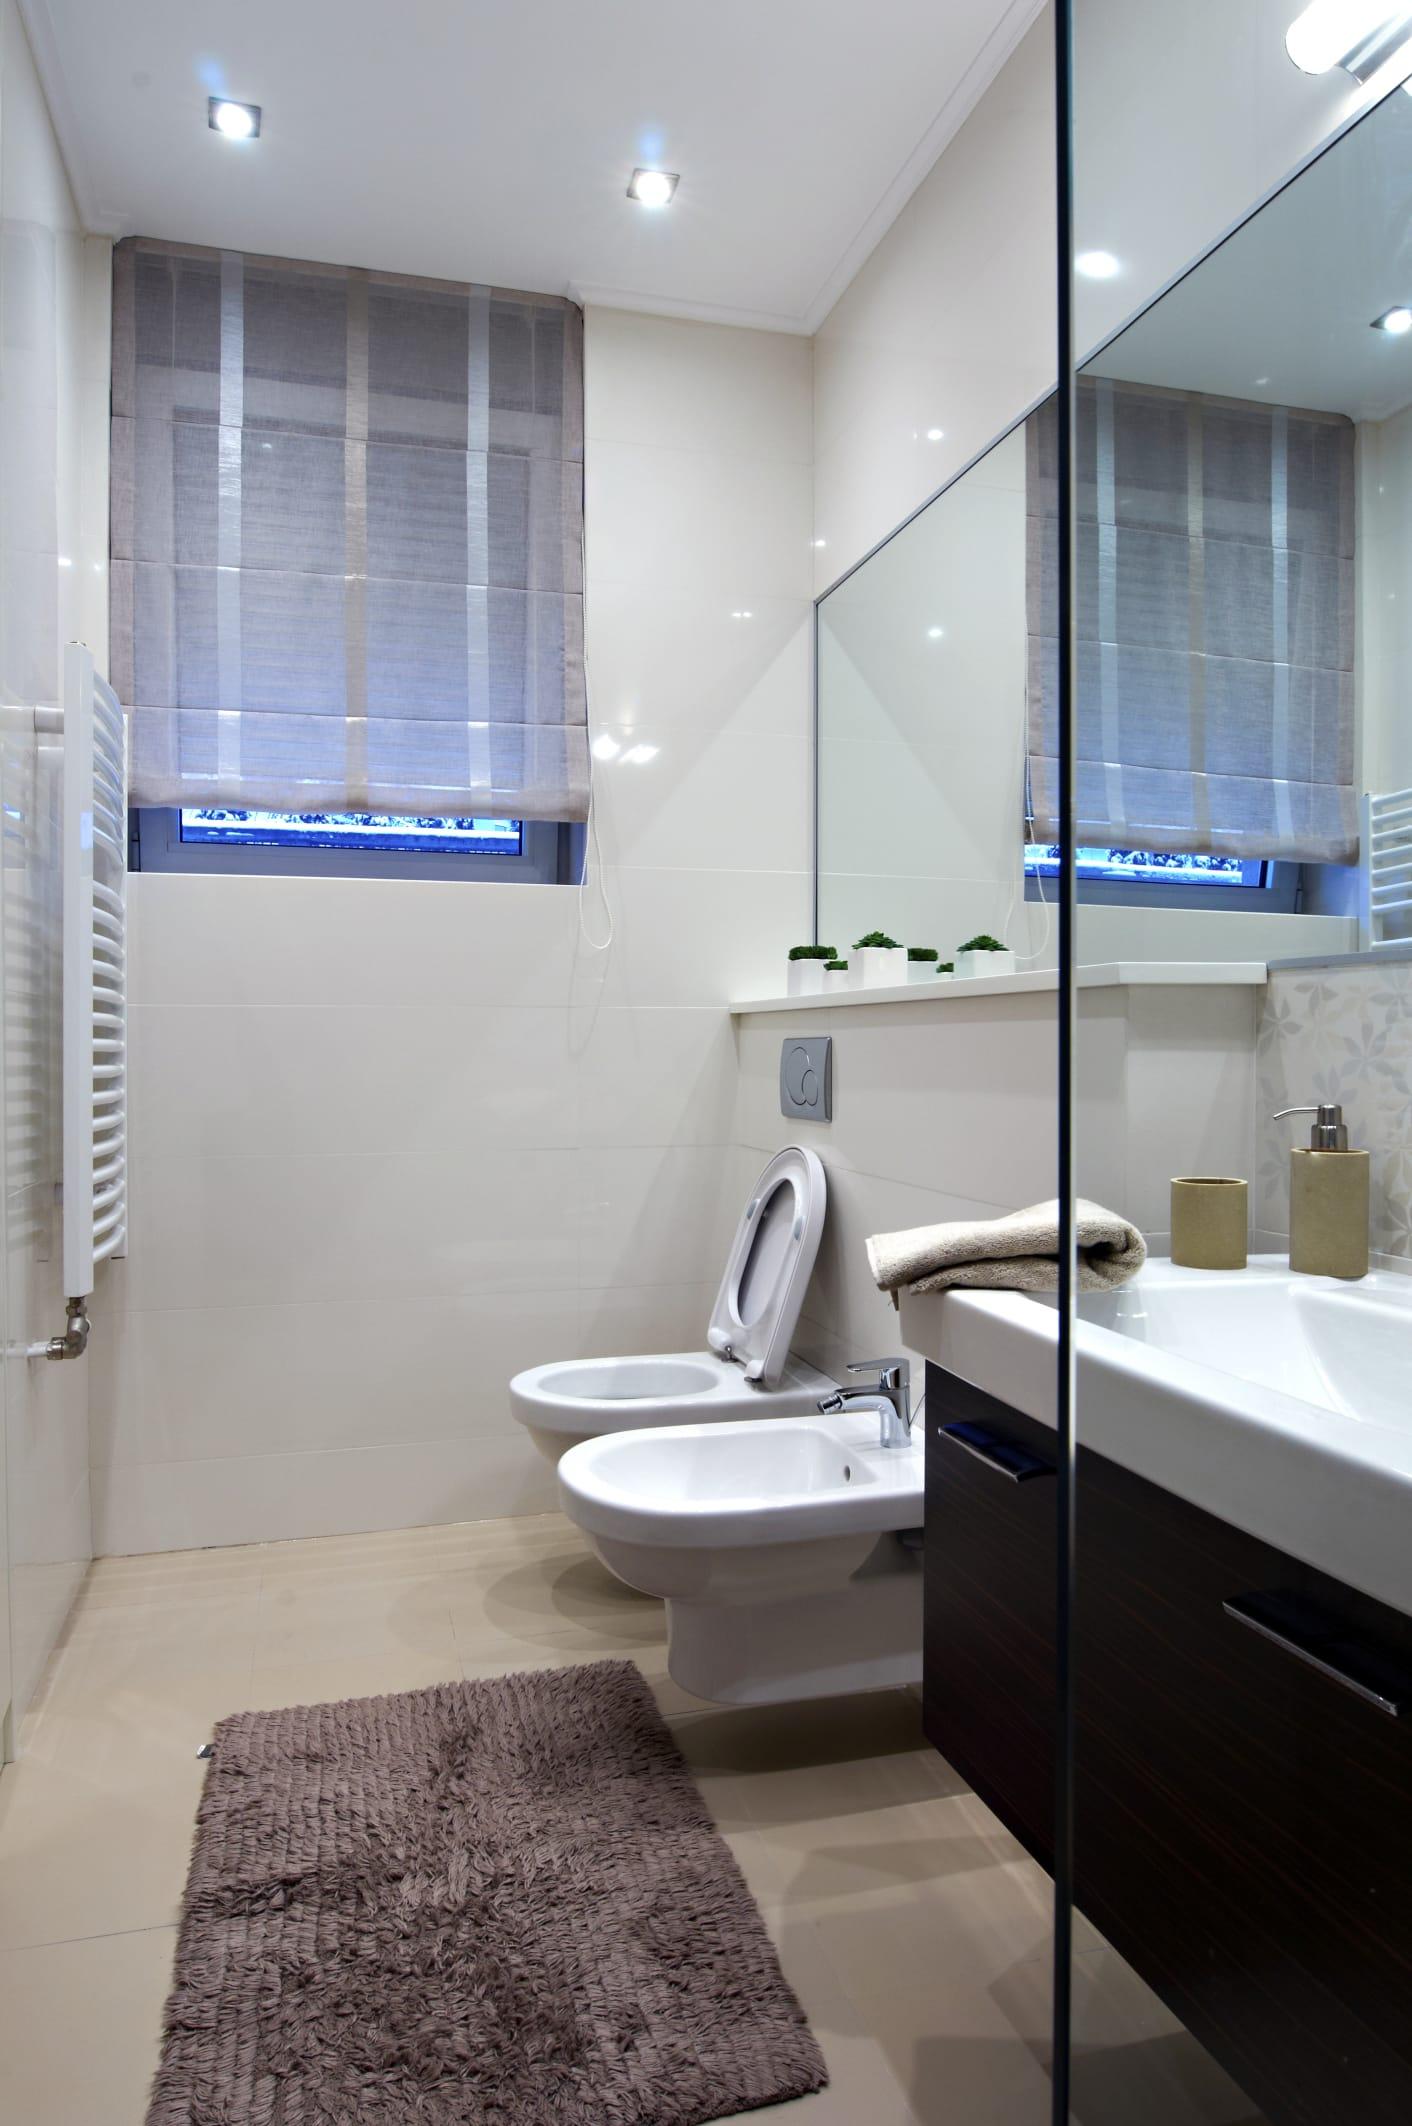 Illuminazione bagno piccolo design casa creativa e mobili ispiratori - Ristrutturare bagno piccolo ...